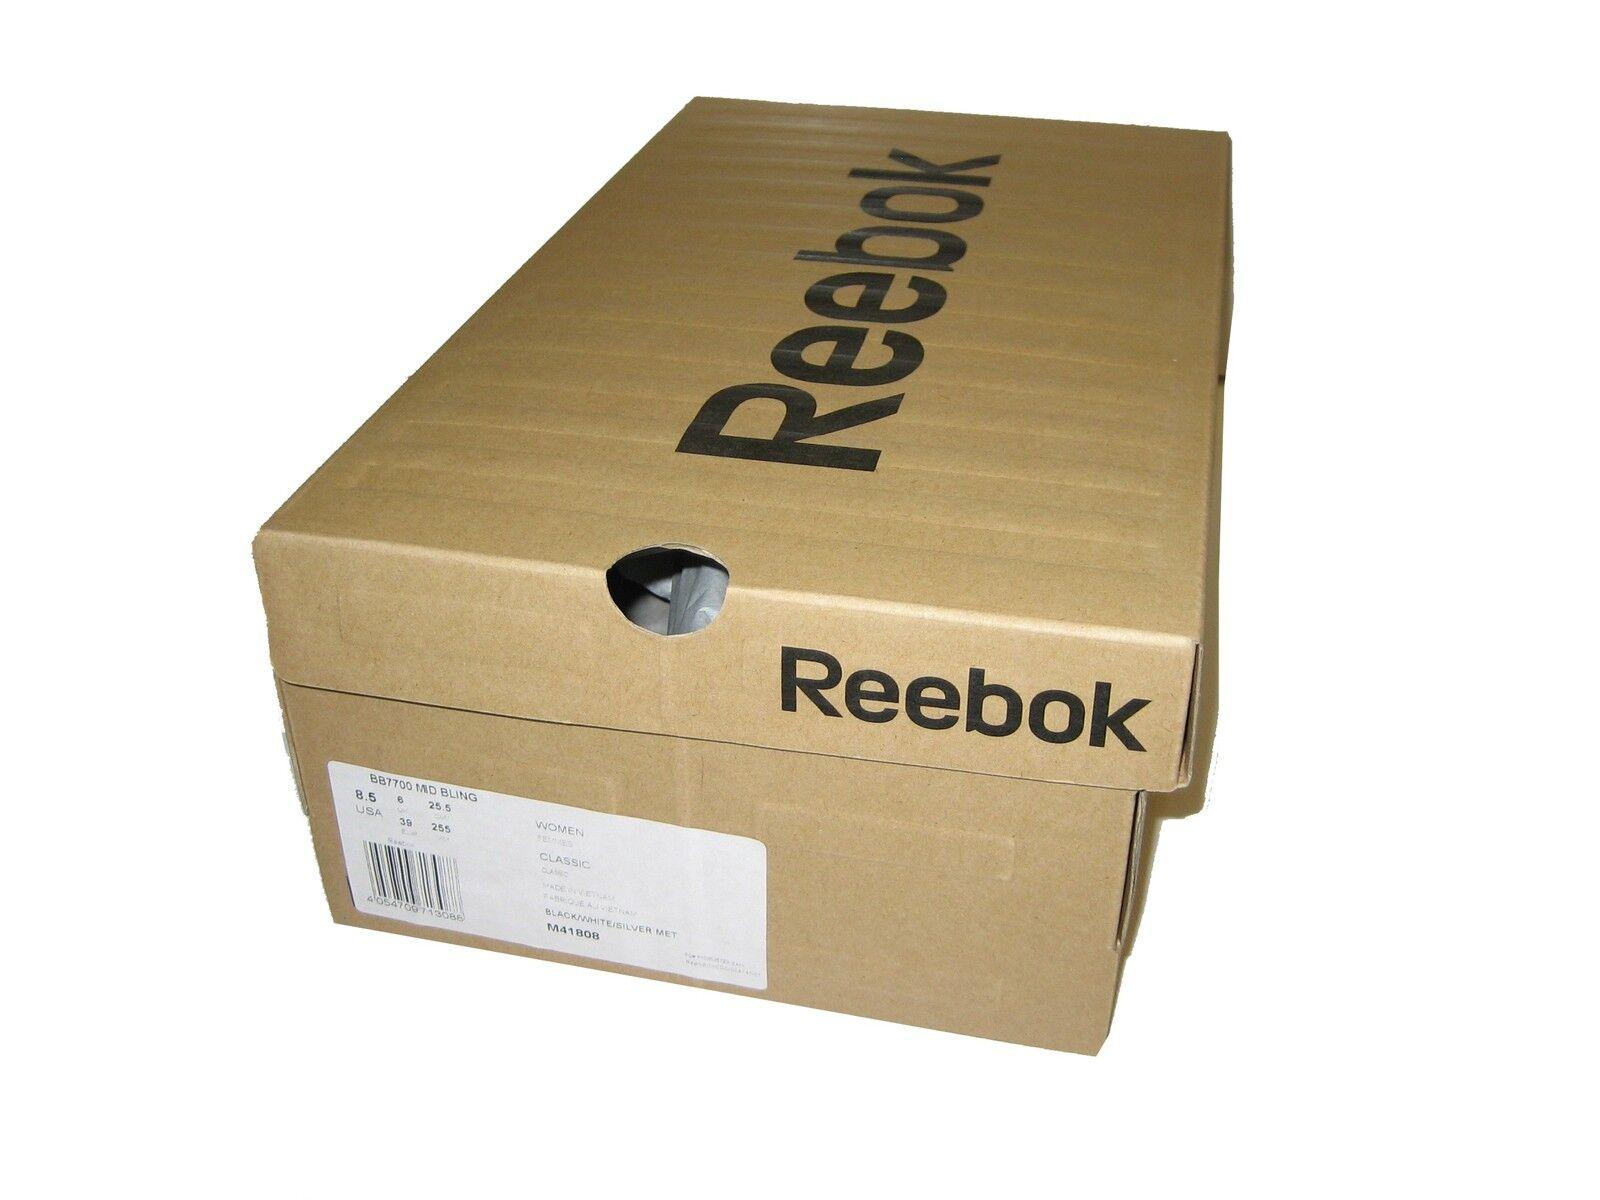 Reebok scarpe scarpe scarpe da ginnastica donna, bb7700 Mid BLING Nero (nero bianca argento Met) NUOVO | Negozio  | Uomini/Donne Scarpa  0f5ed6